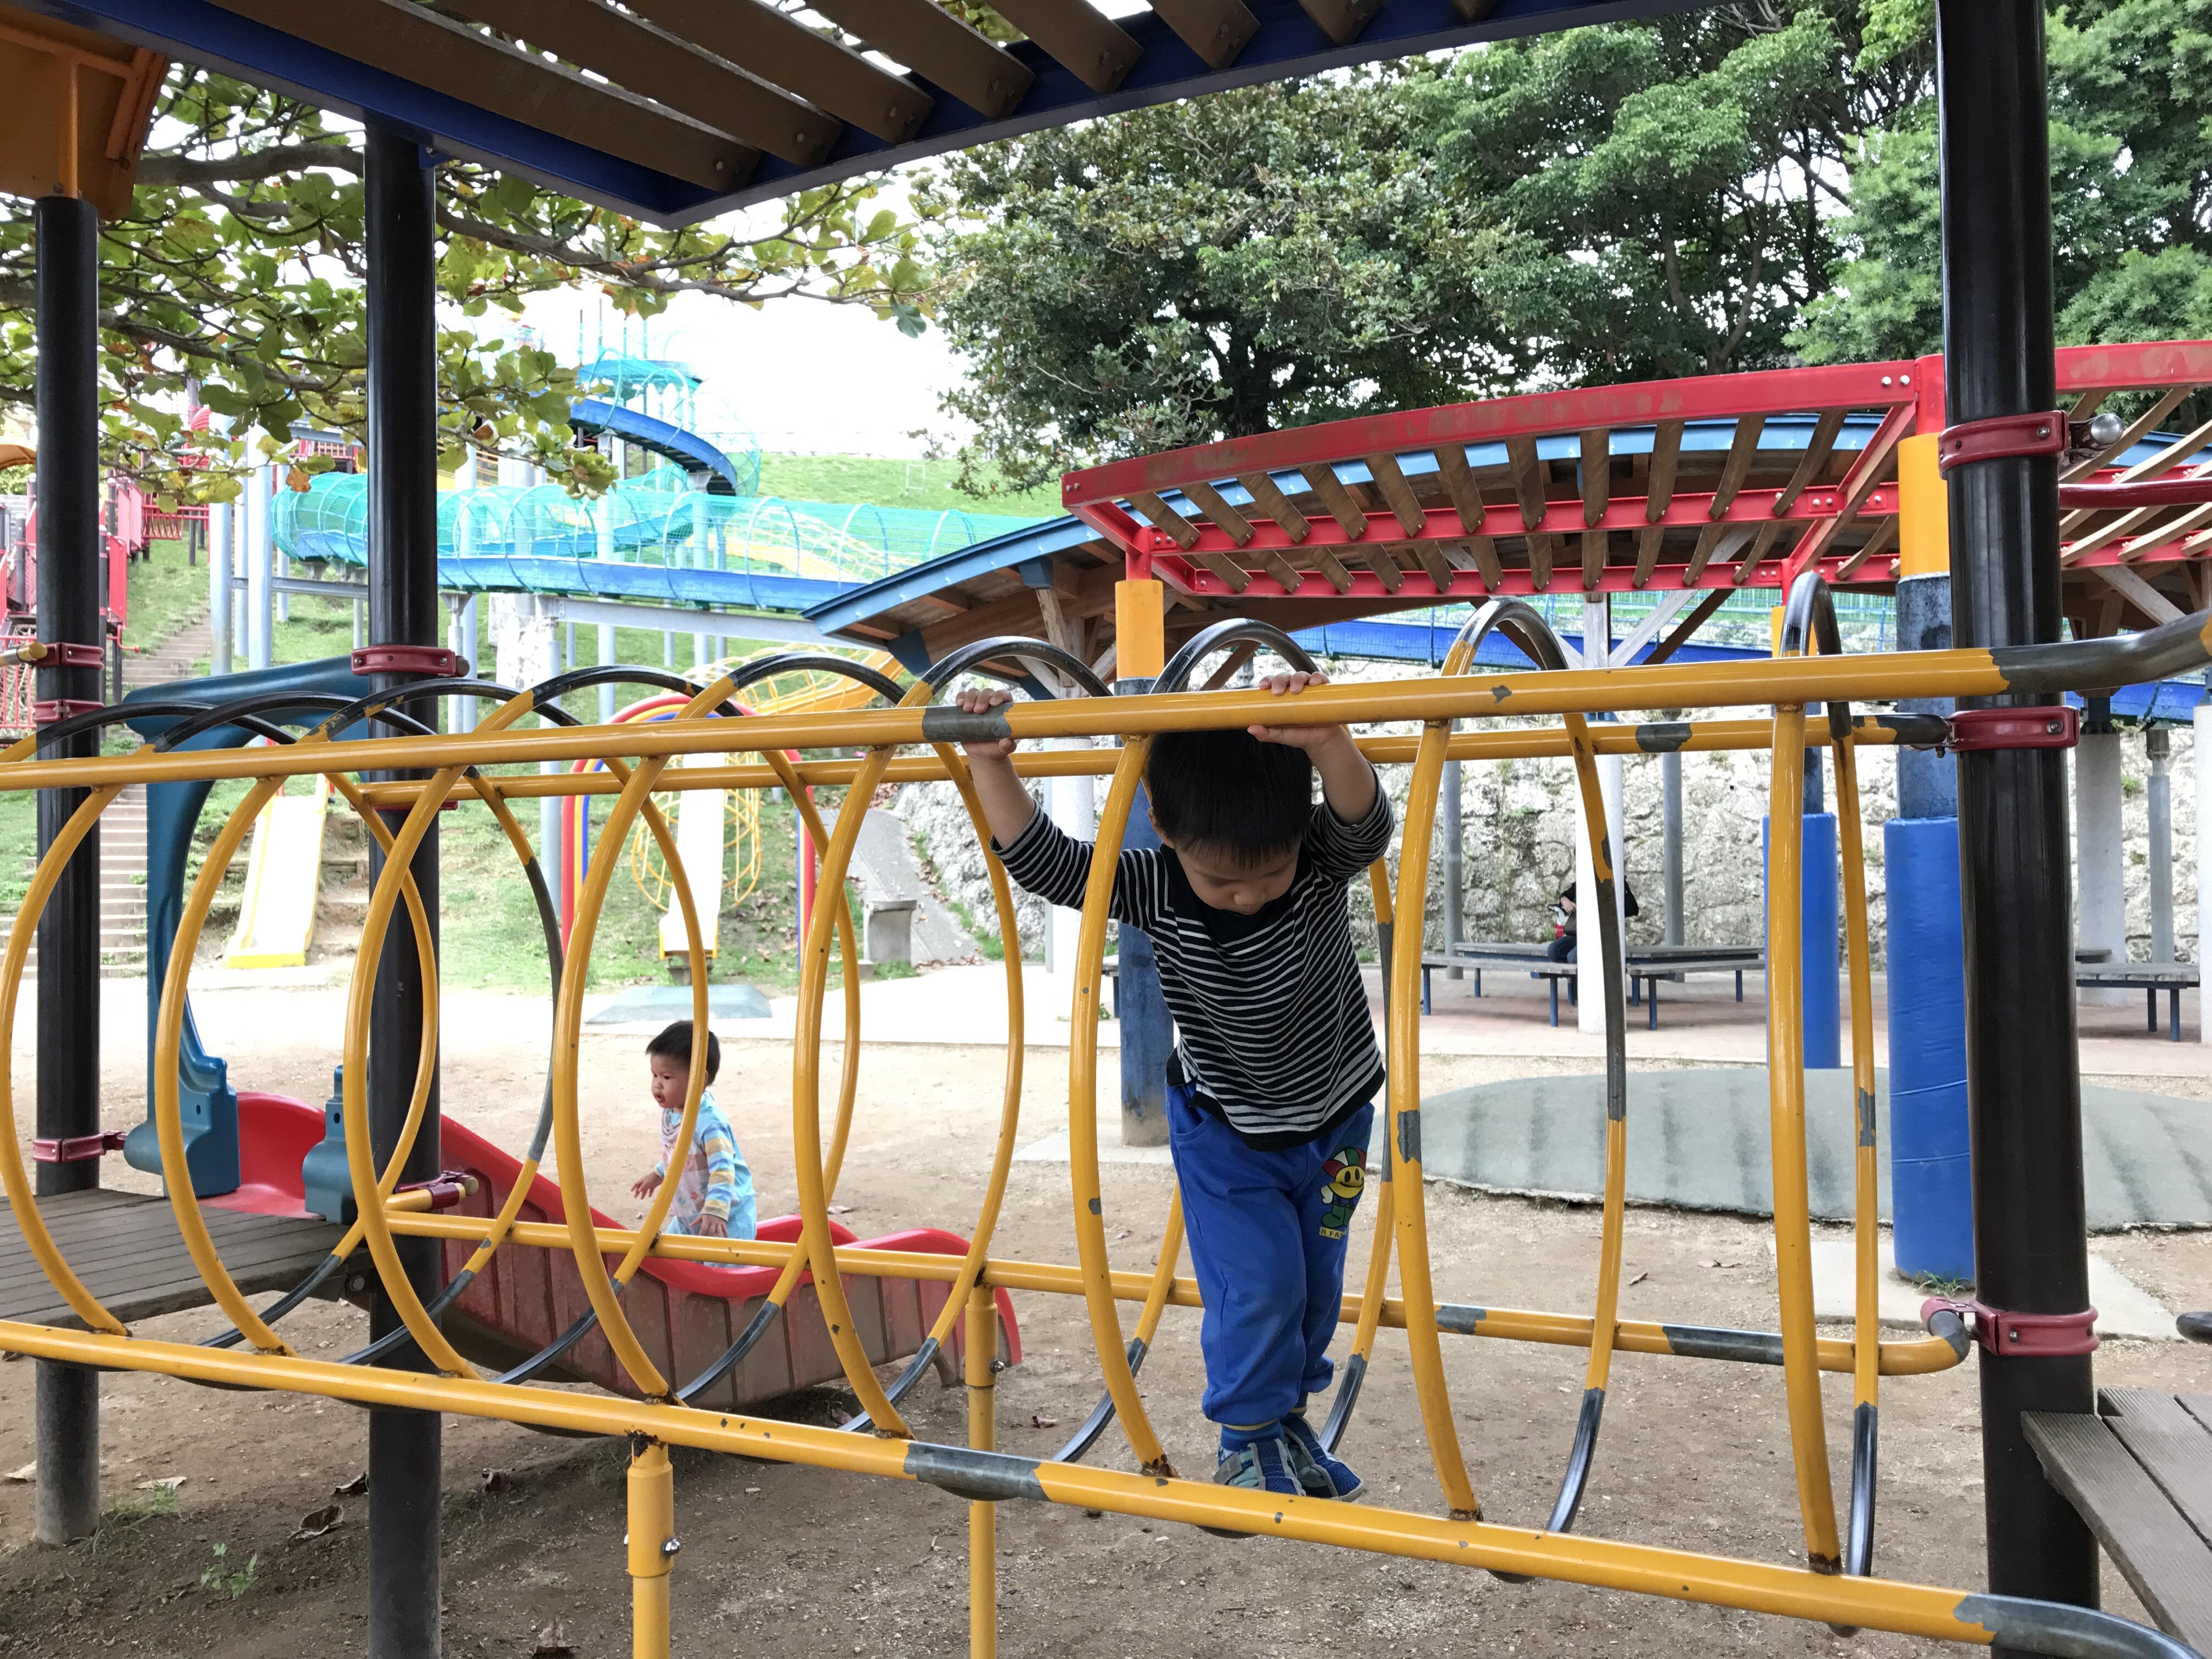 杉3Y2M&槿1Y7M 沖繩海軍壕公園 西崎親水公園 奧武山公園(浦添公園) – dorothyliving